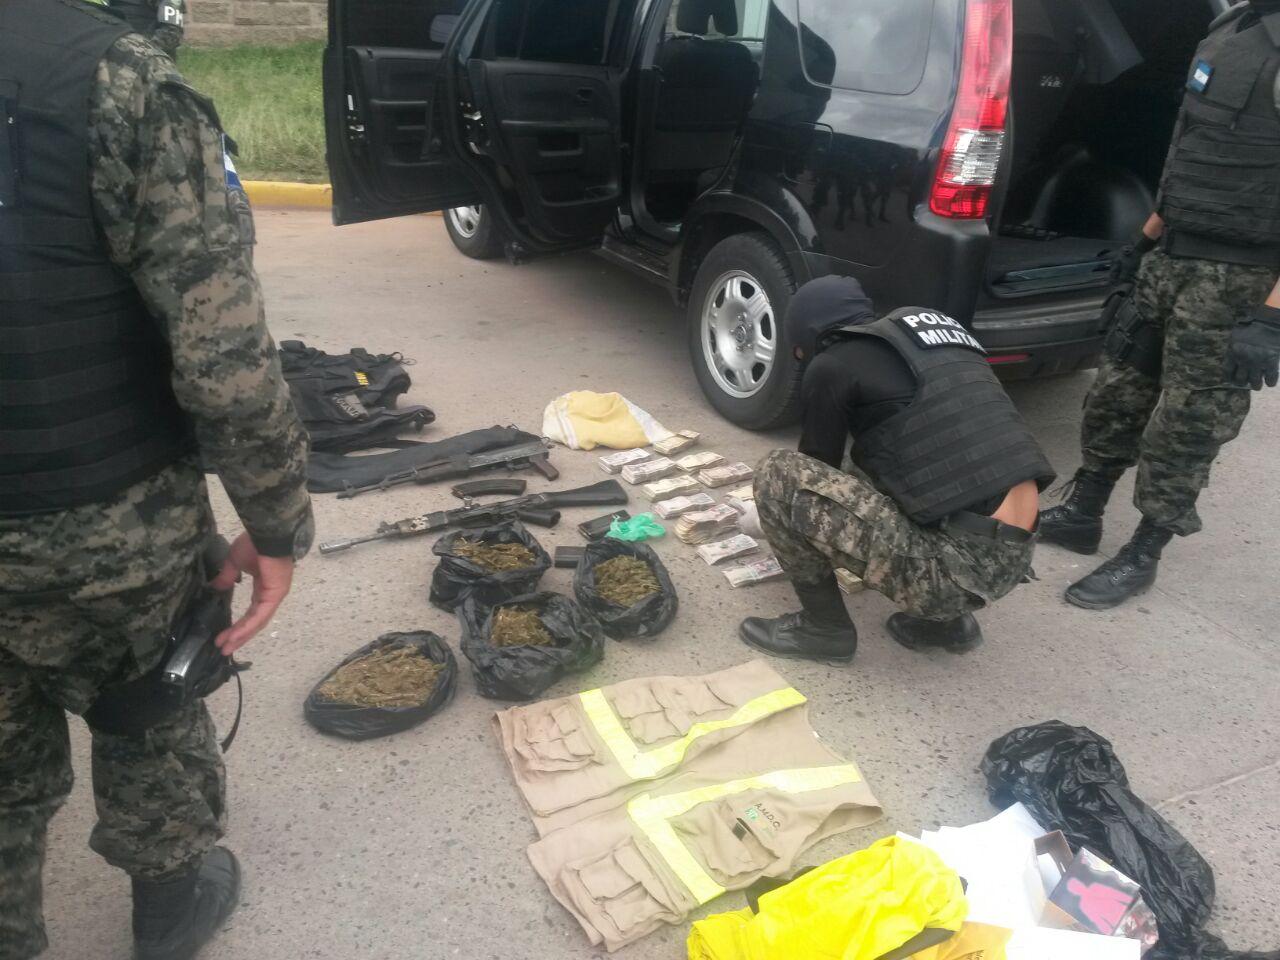 Casi un millón de lempiras, armas y droga encuentran en camioneta de lujo en Tegucigalpa